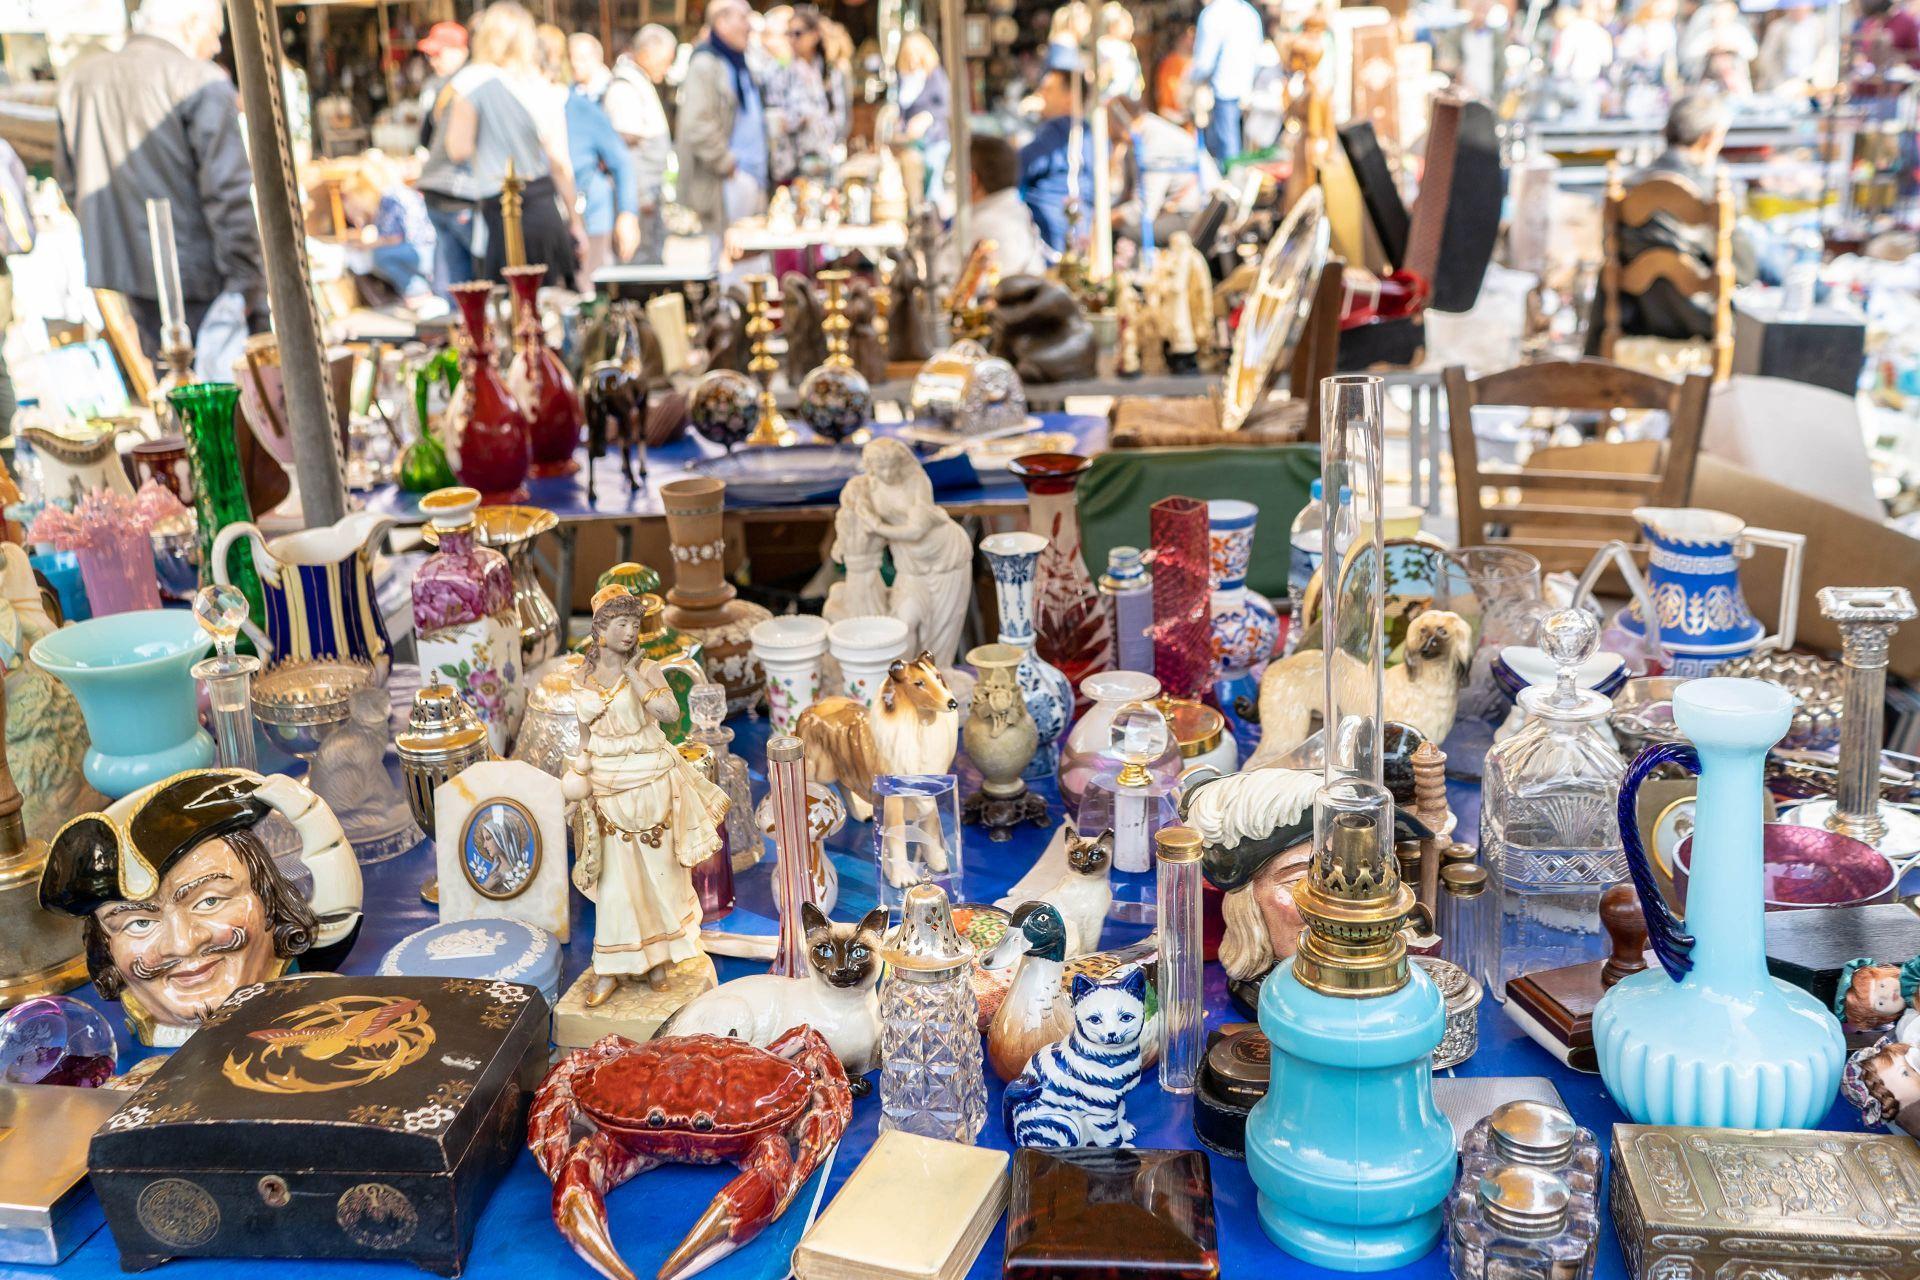 Greece shopping: Antique